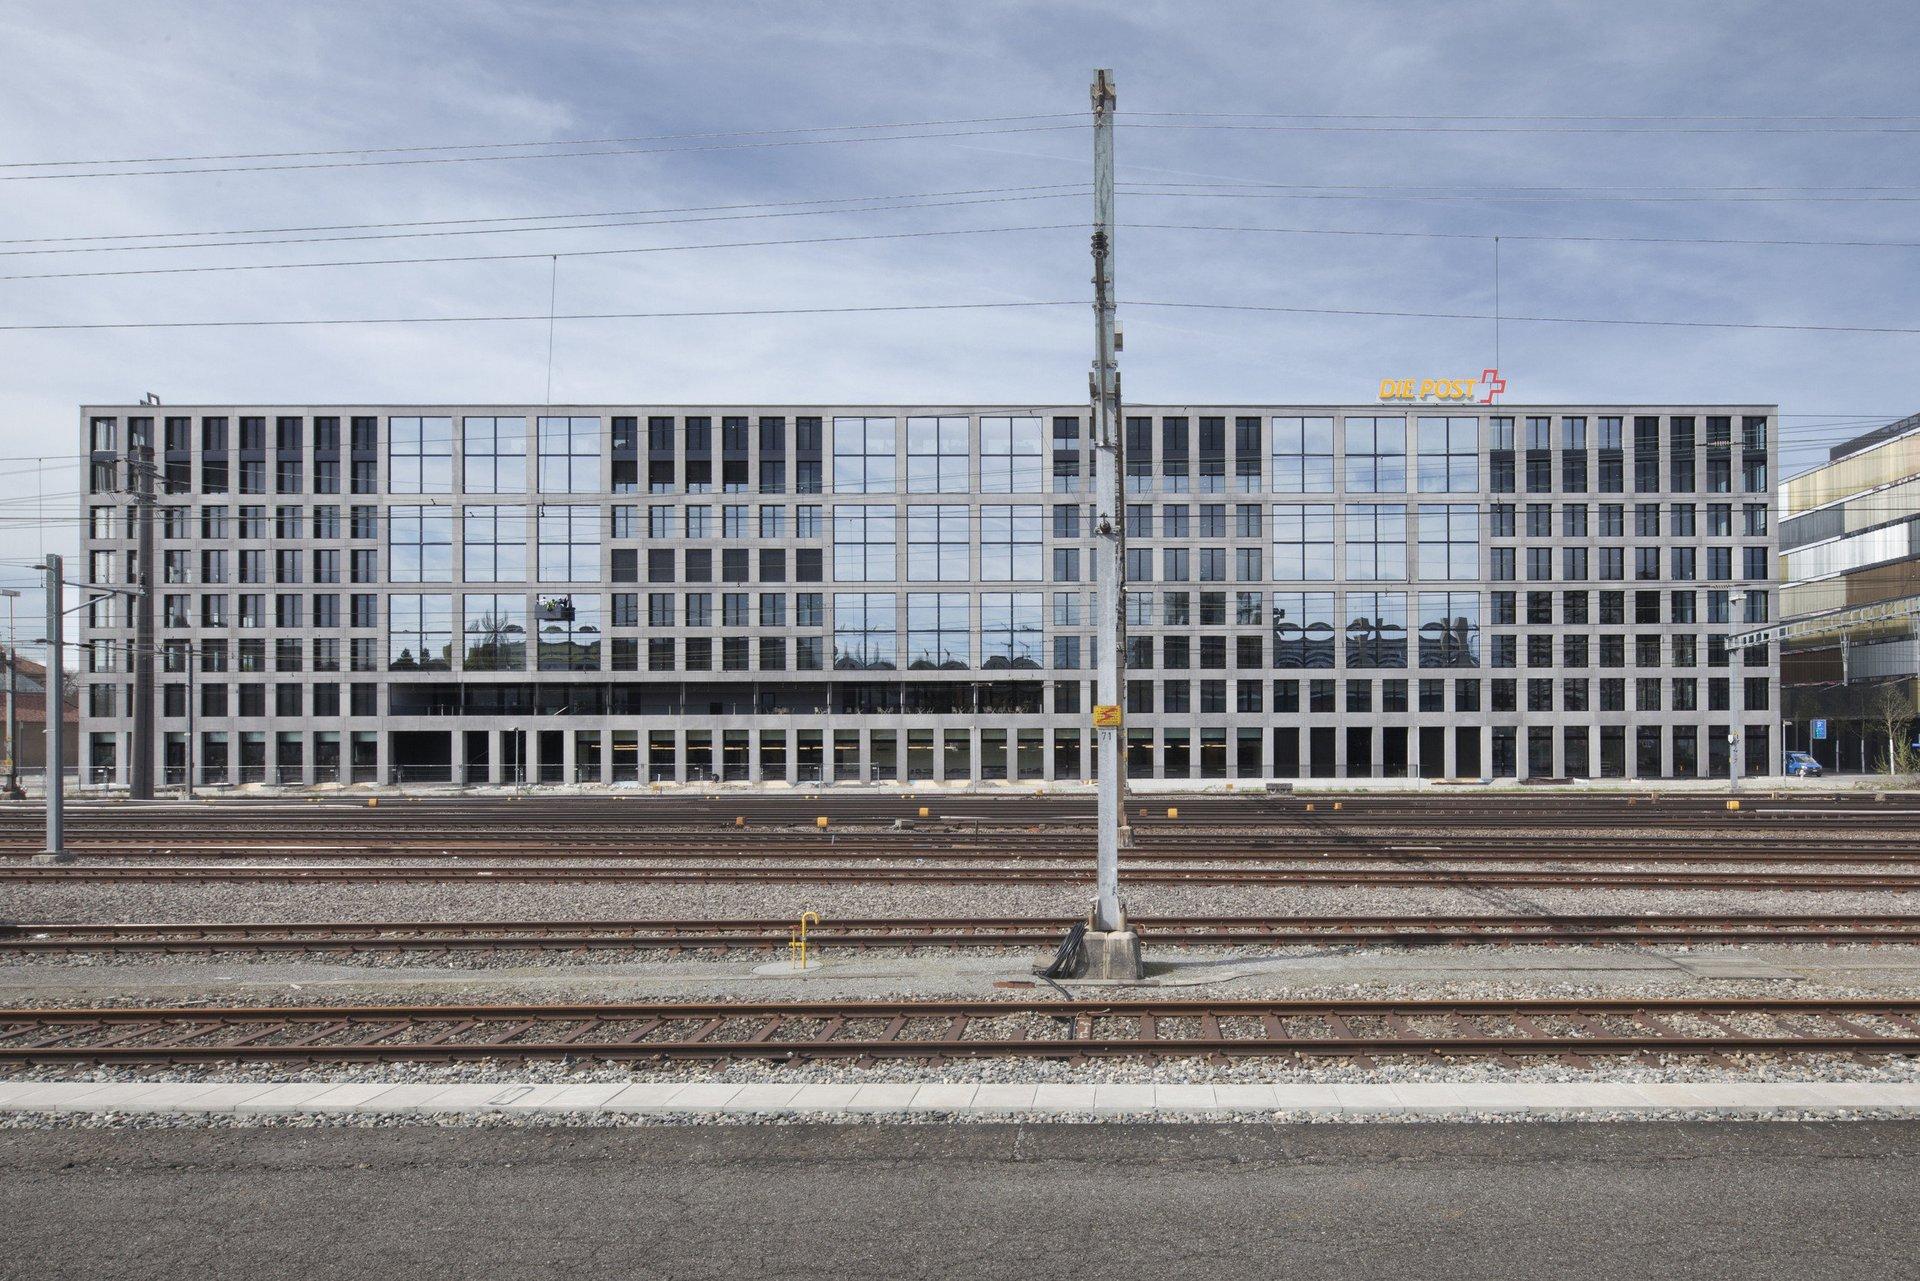 Bürogebäude im Block mit verschieden grossen Fensterelementen